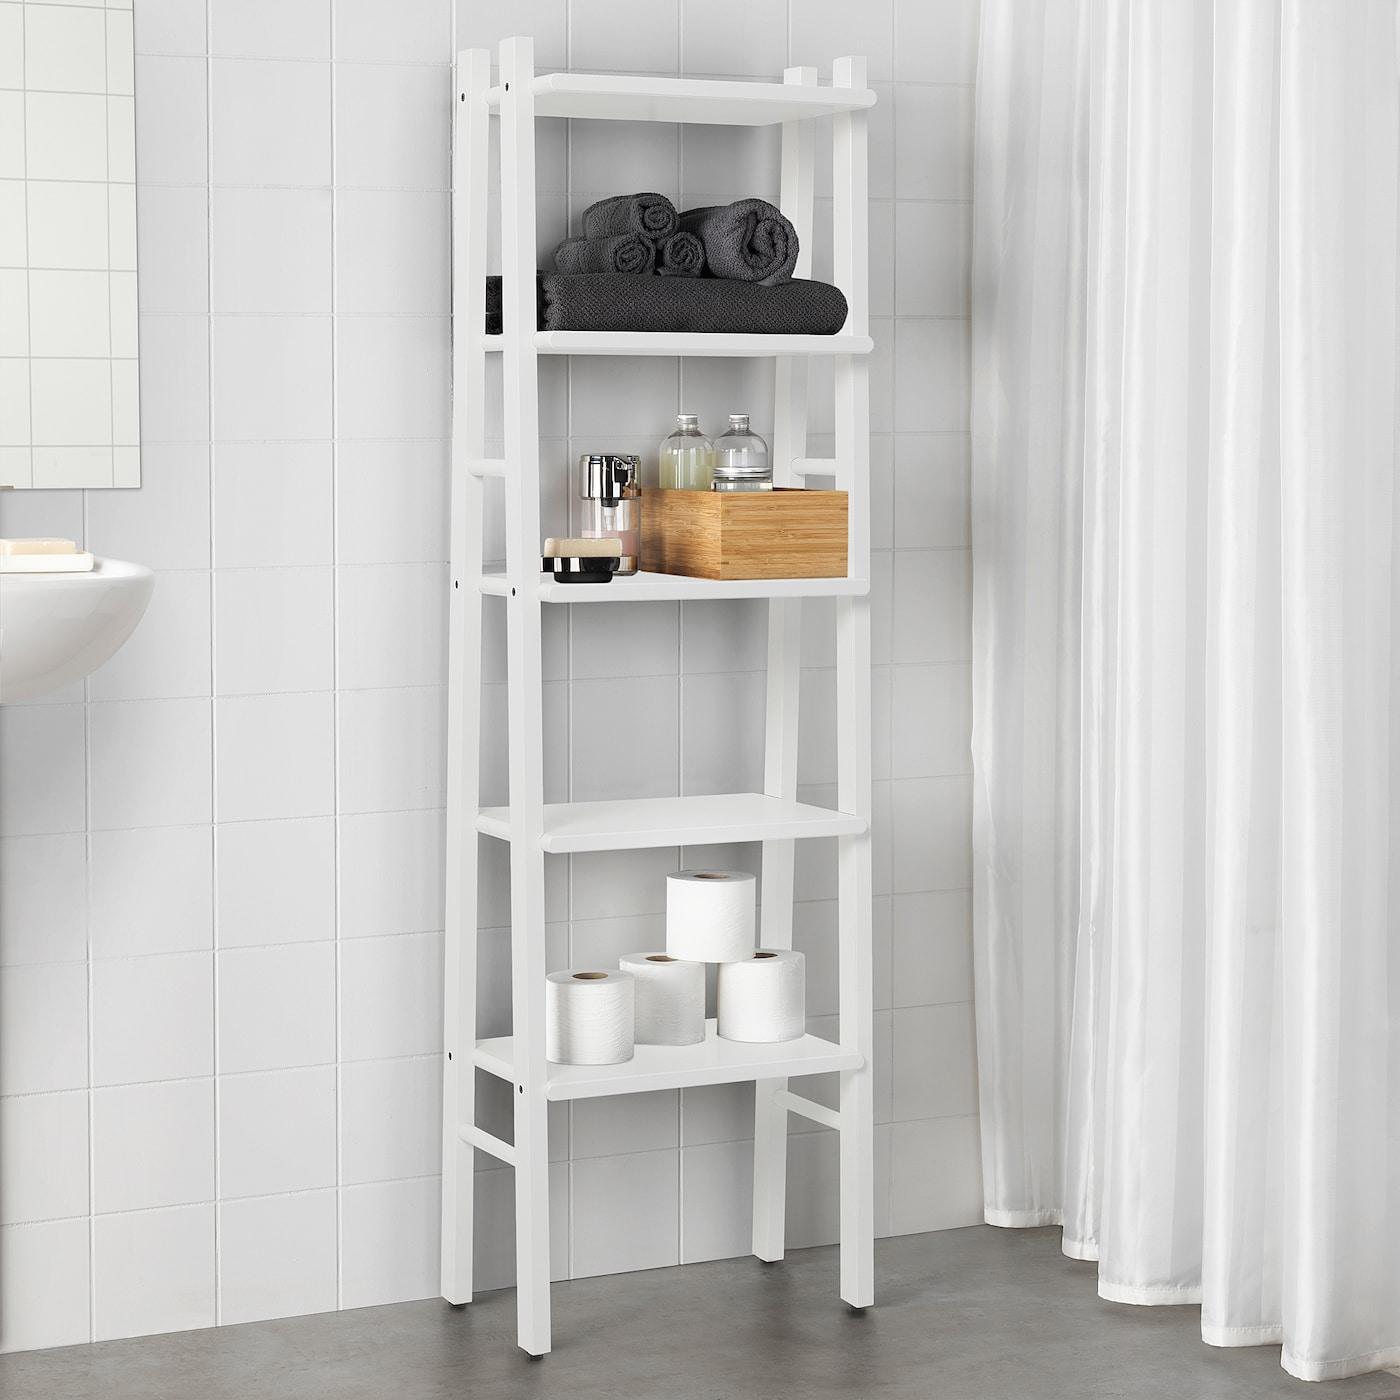 VILTO Regal weiß IKEA Österreich